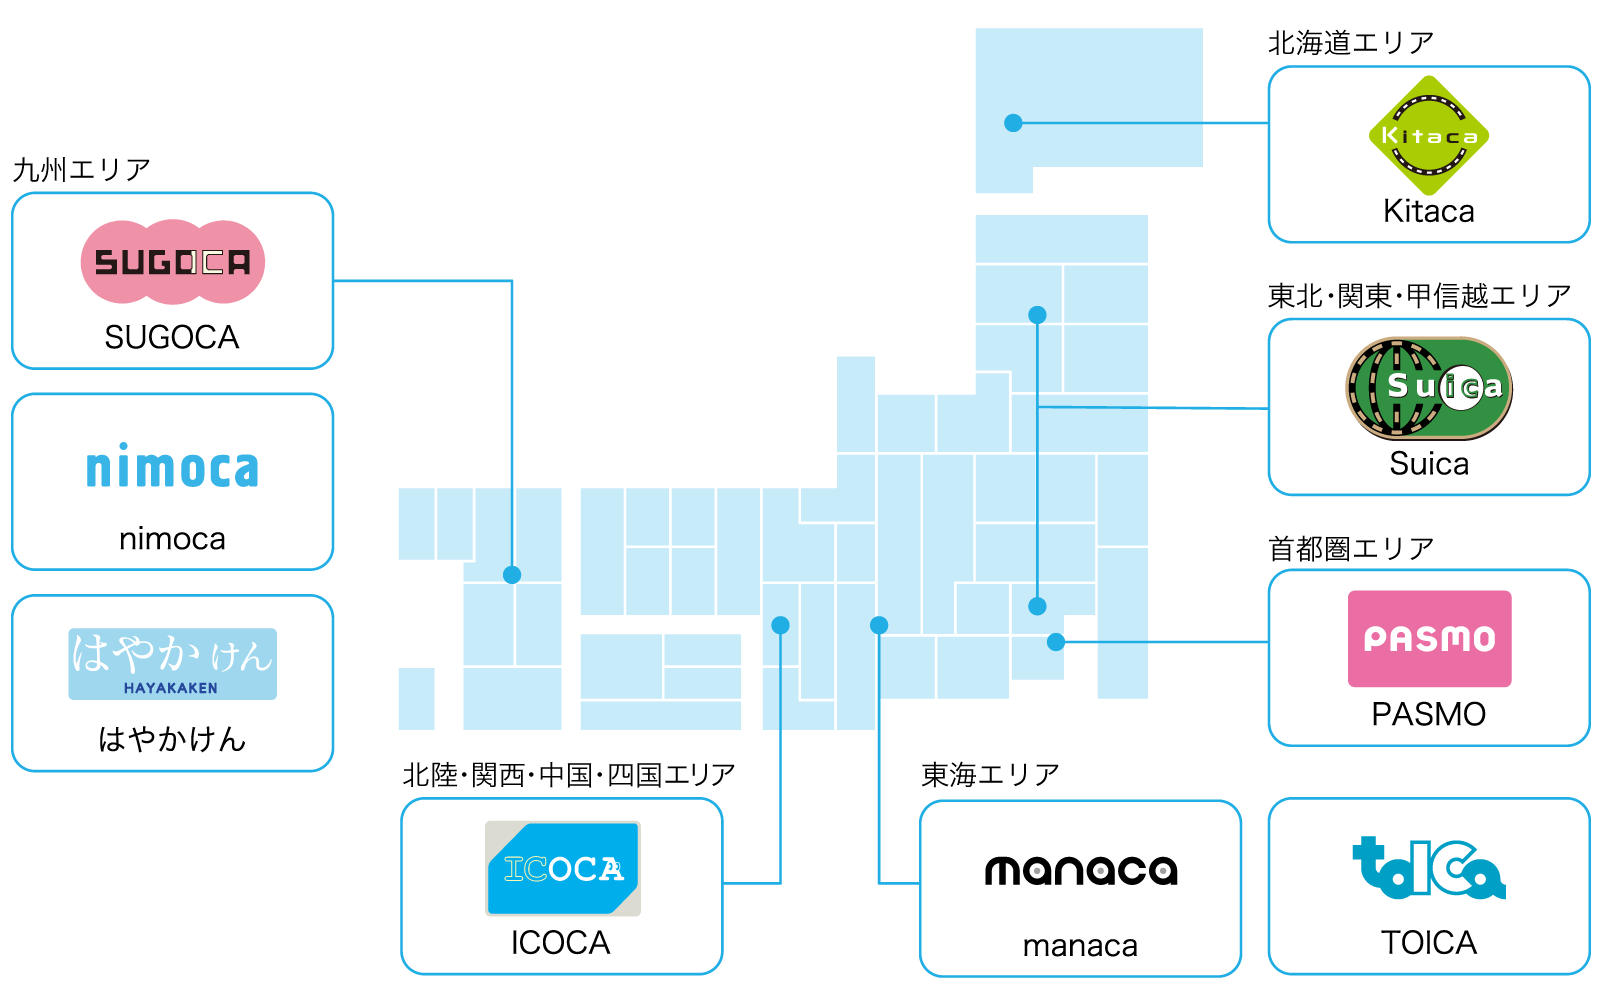 交通系電子マネーのエリアマップ